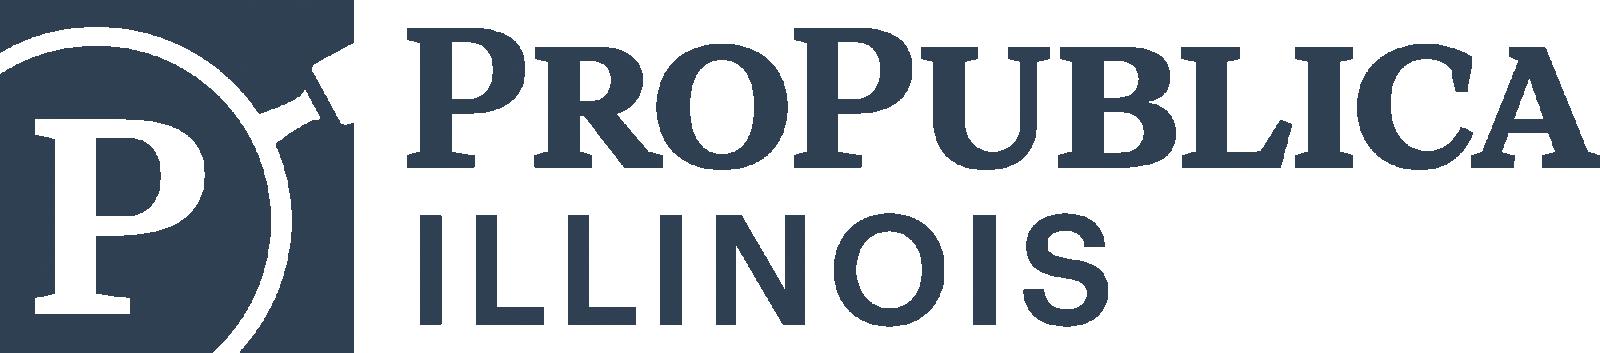 ProPublica Illinois